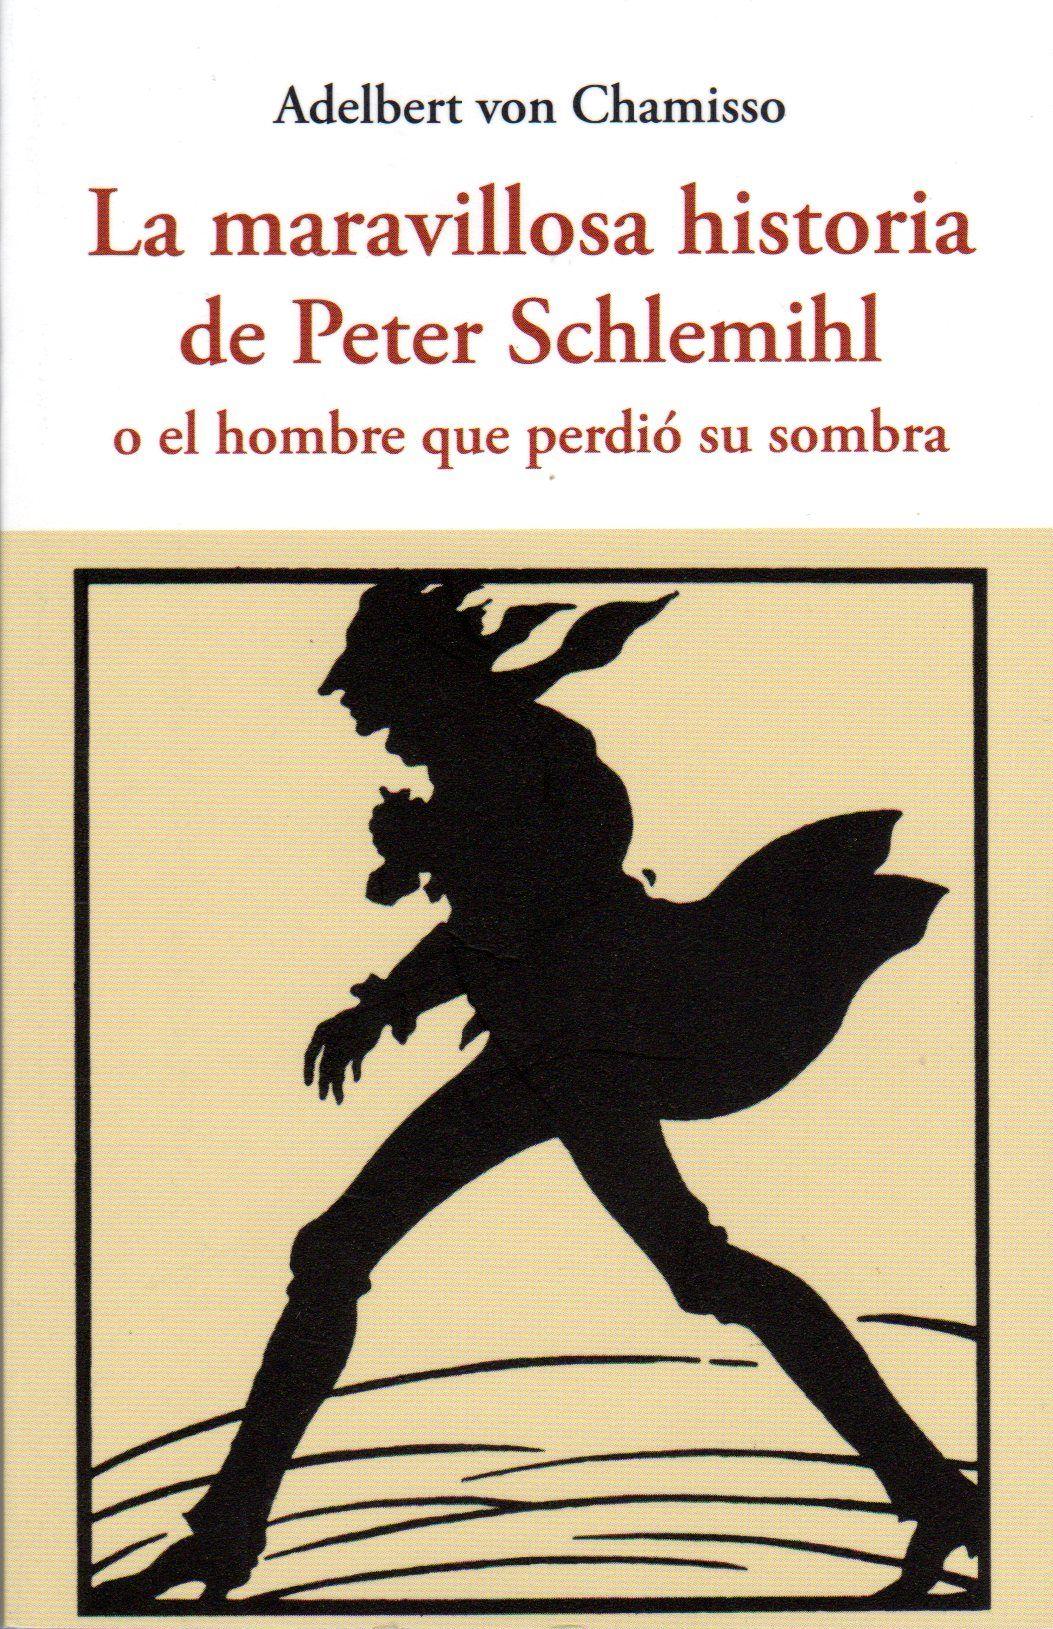 Resultado de imagen para La maravillosa historia de Peter Schlemihl, Adelbert von Chamisso